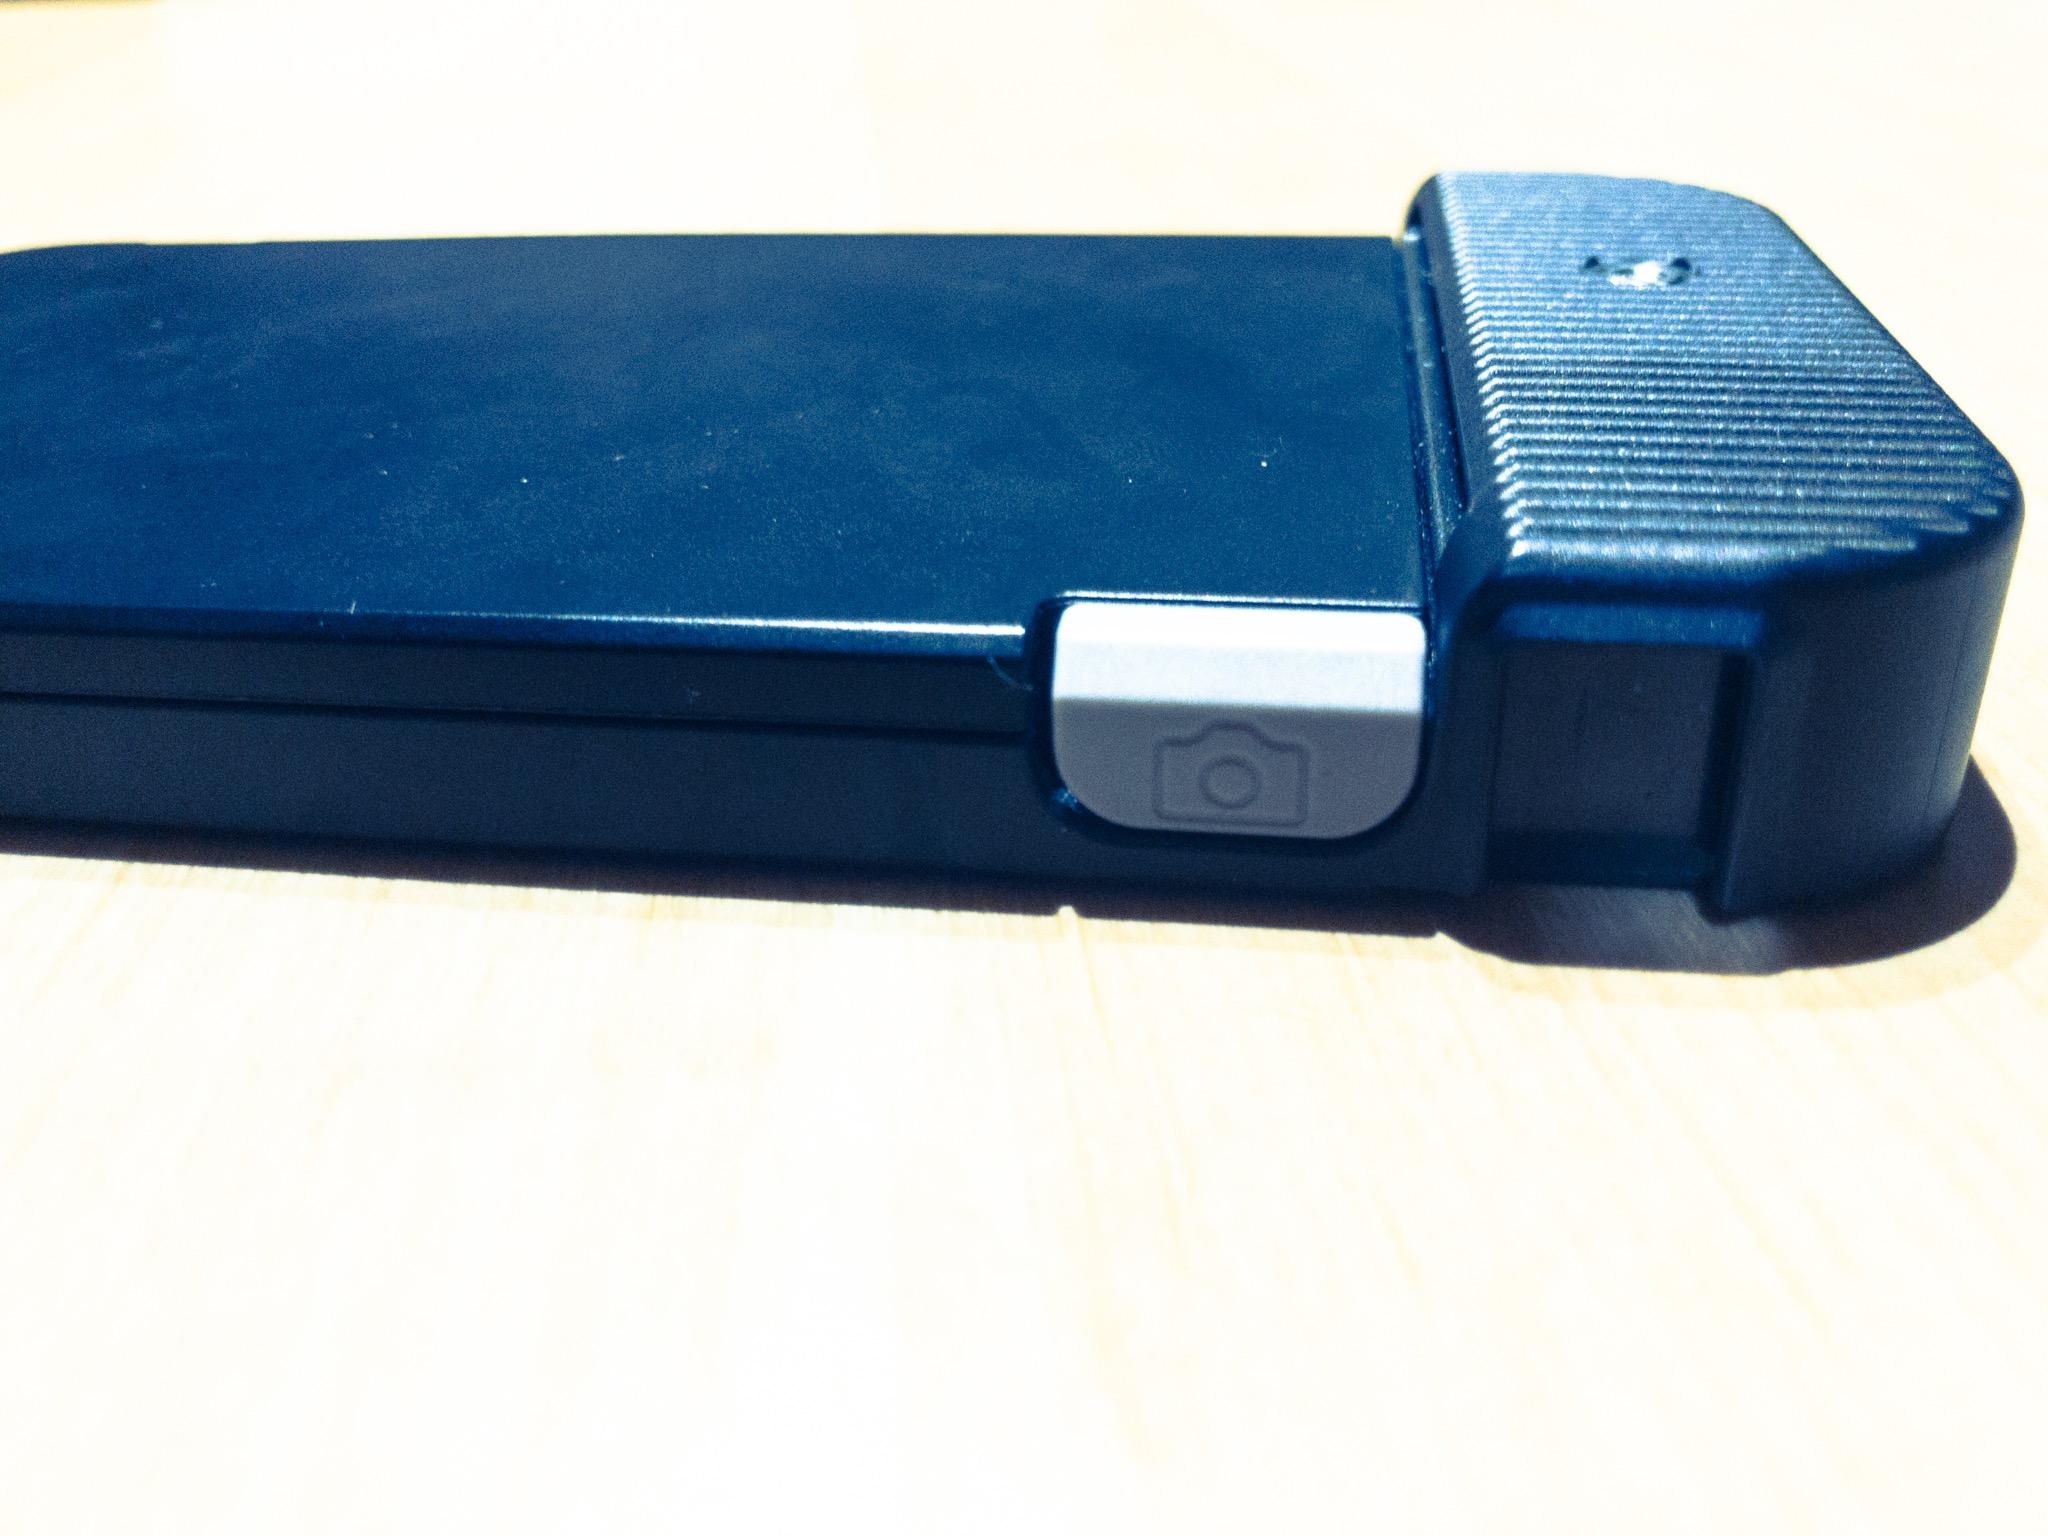 iPhoneを本格カメラに変身させるbitplayのSNAP!7とHDワイドレンズを買ってみた